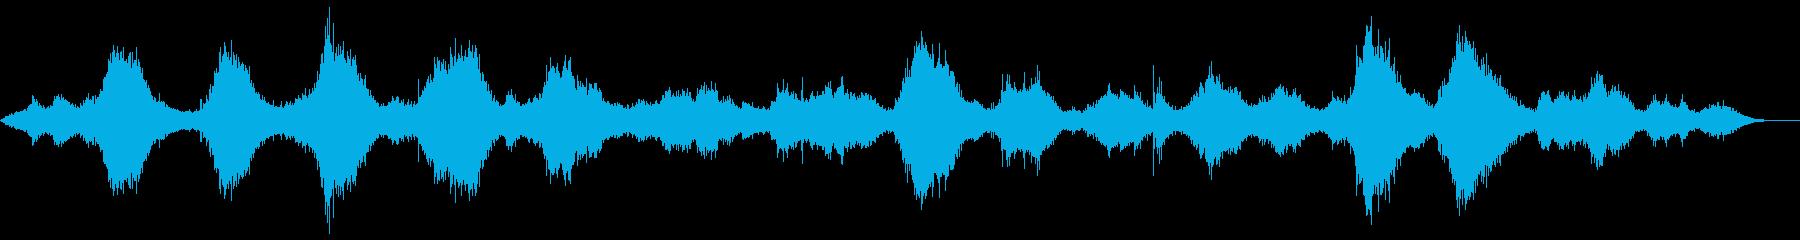 ザバーンの再生済みの波形